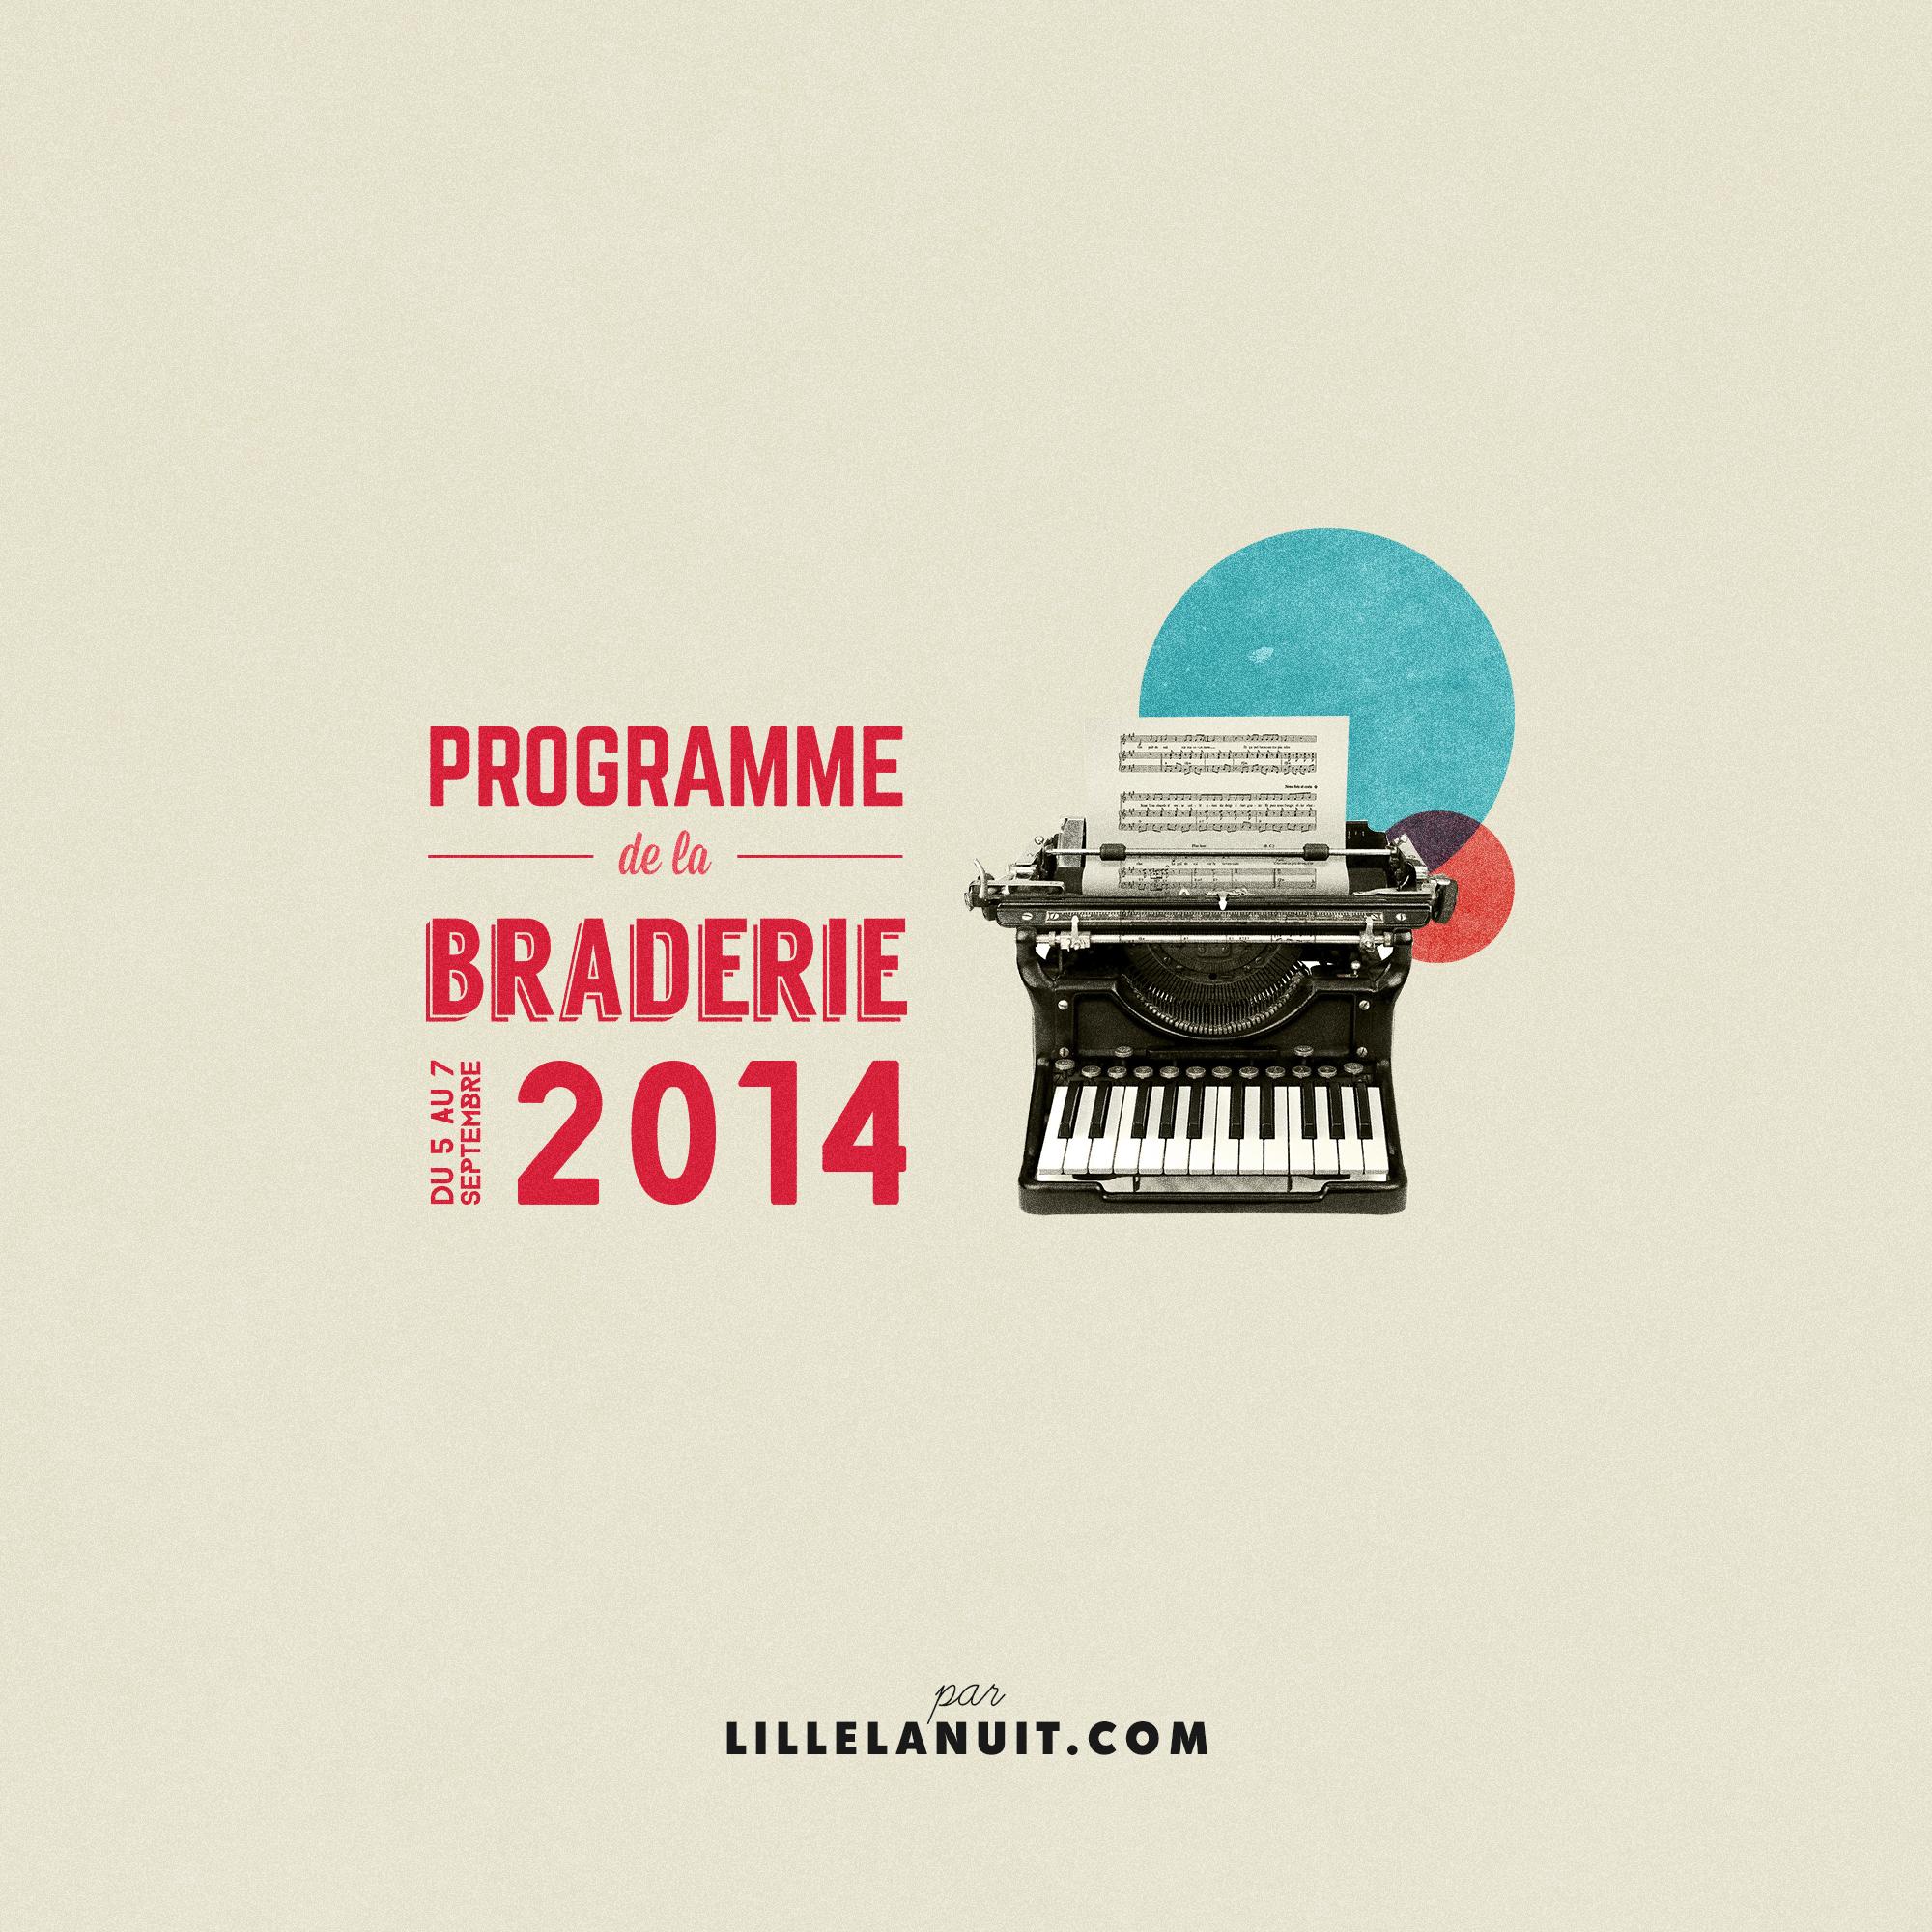 Concerts Braderie de Lille 2014 Lille La Nuit